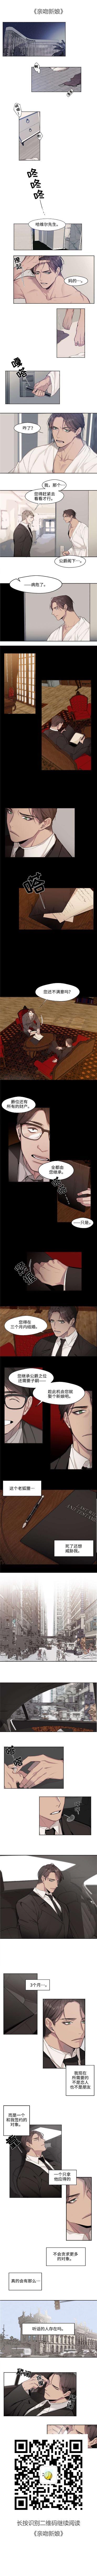 爆更至57话!美型韩漫耽美漫画《亲吻新娘》第一话&全本在线,一个关于故人重逢+契约婚姻的故事……